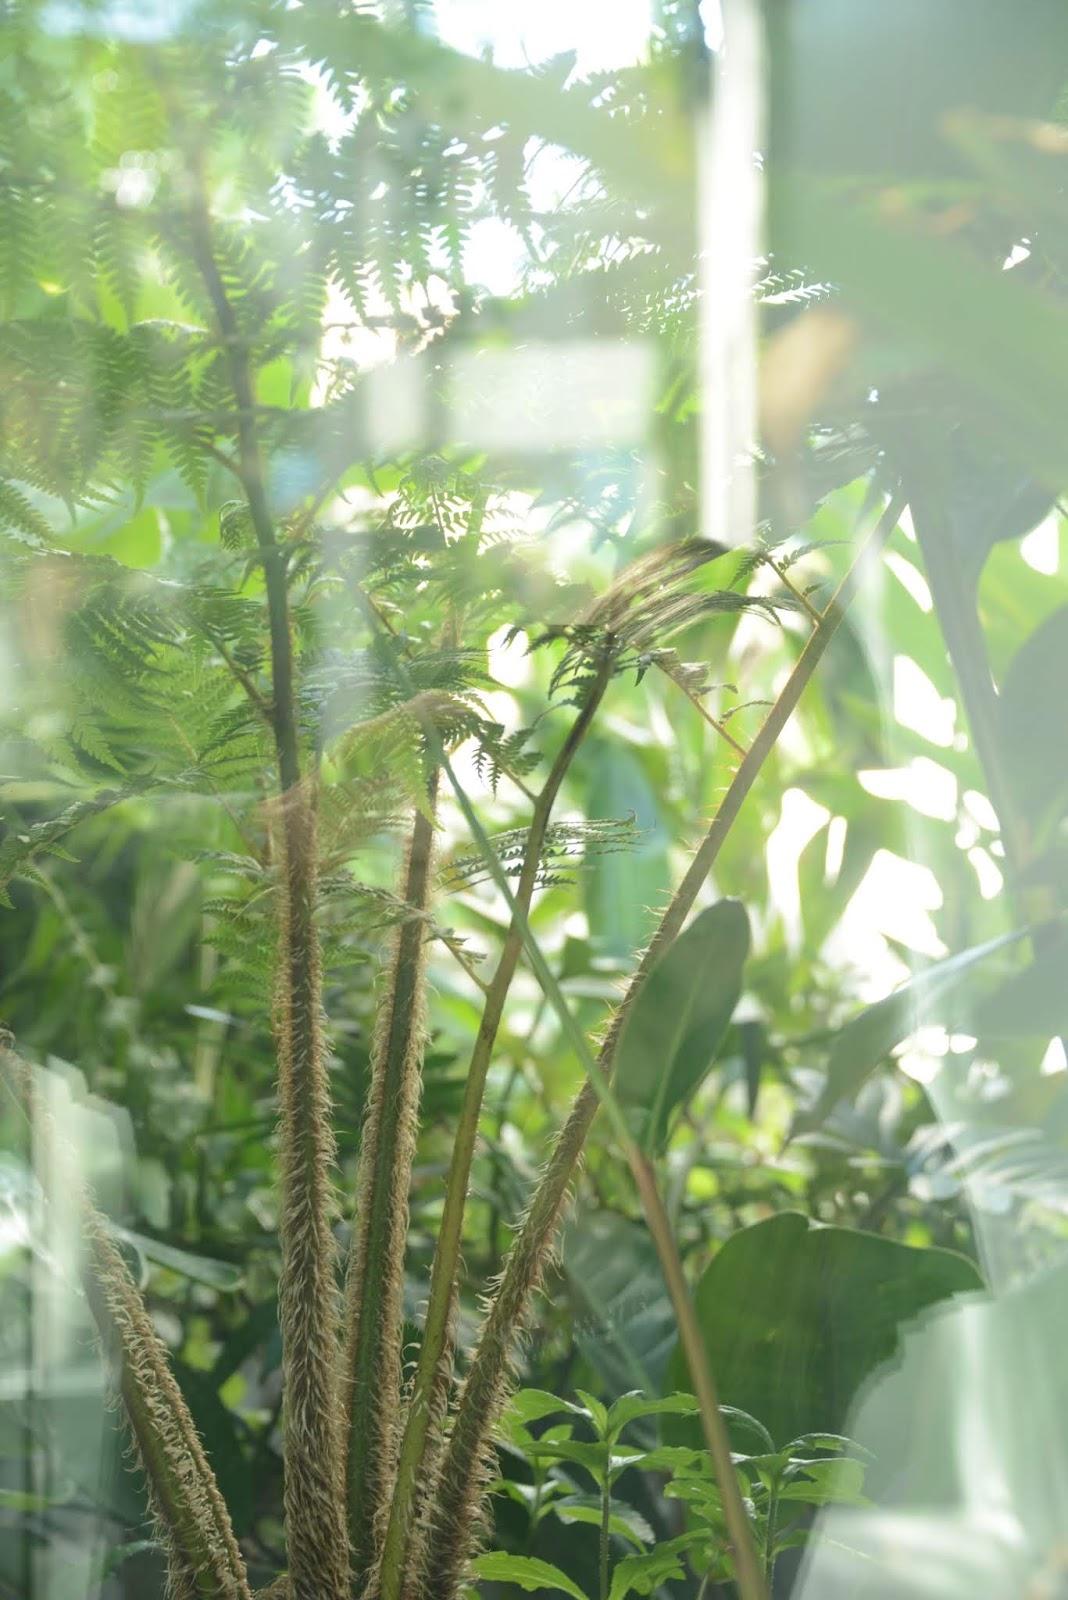 El verde en el jardín por @itasflowers